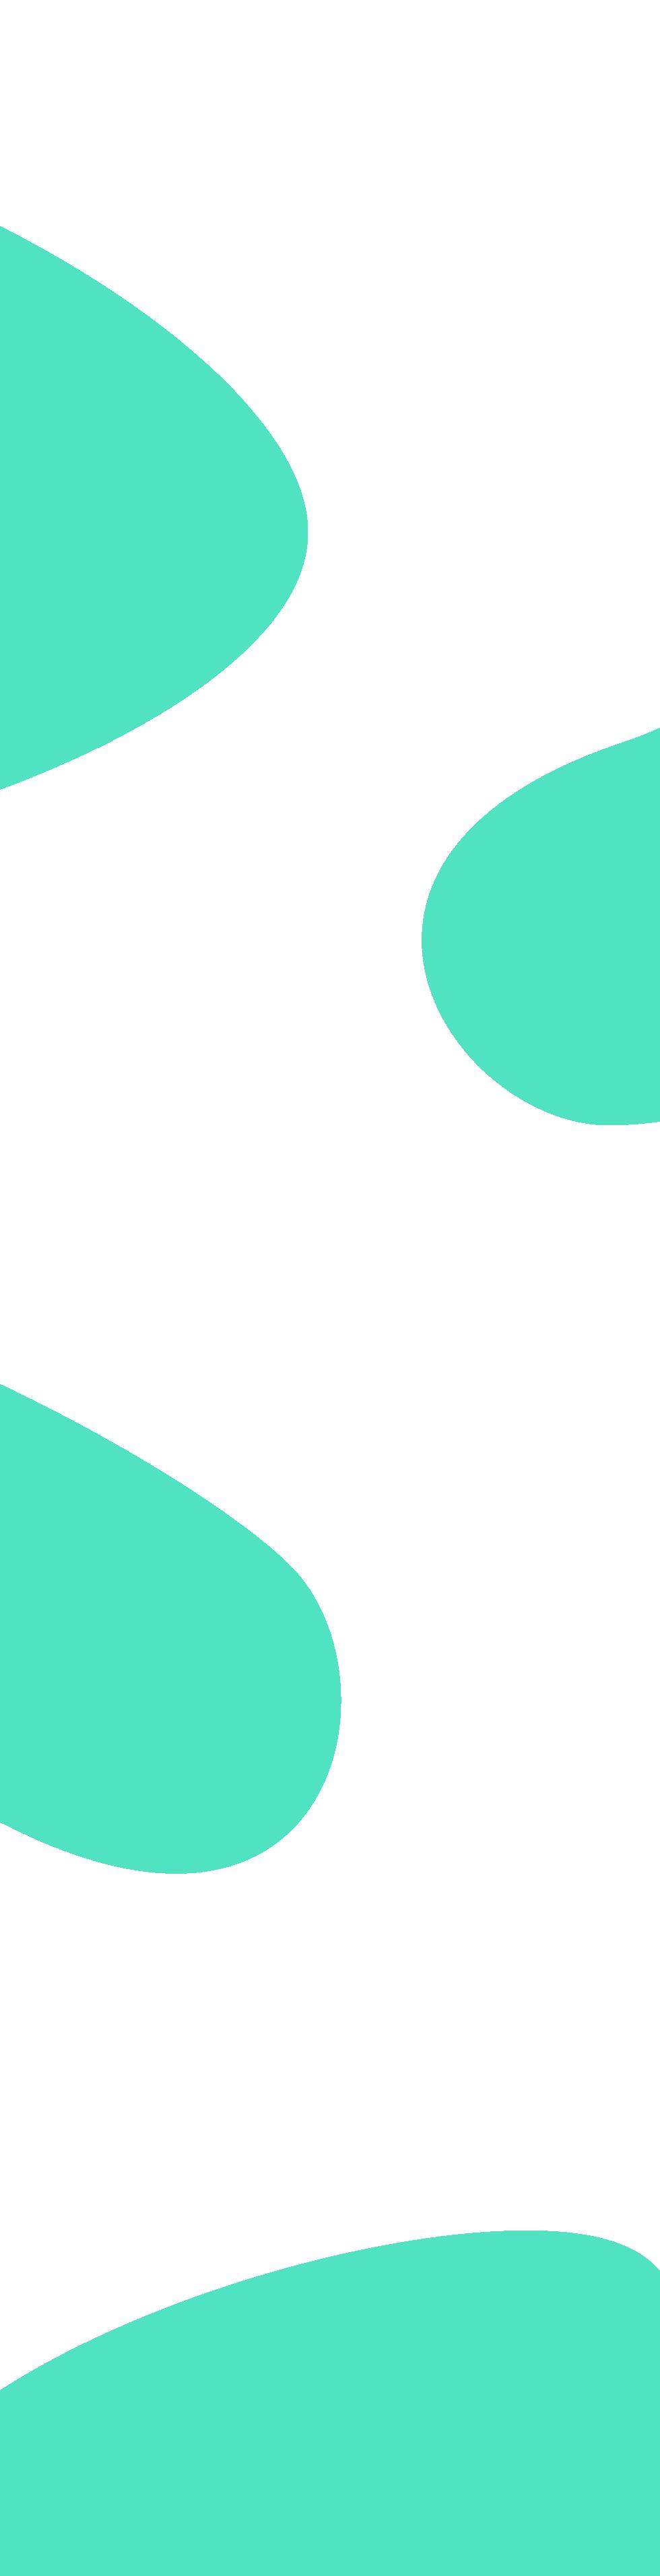 Artboard 4_1.png